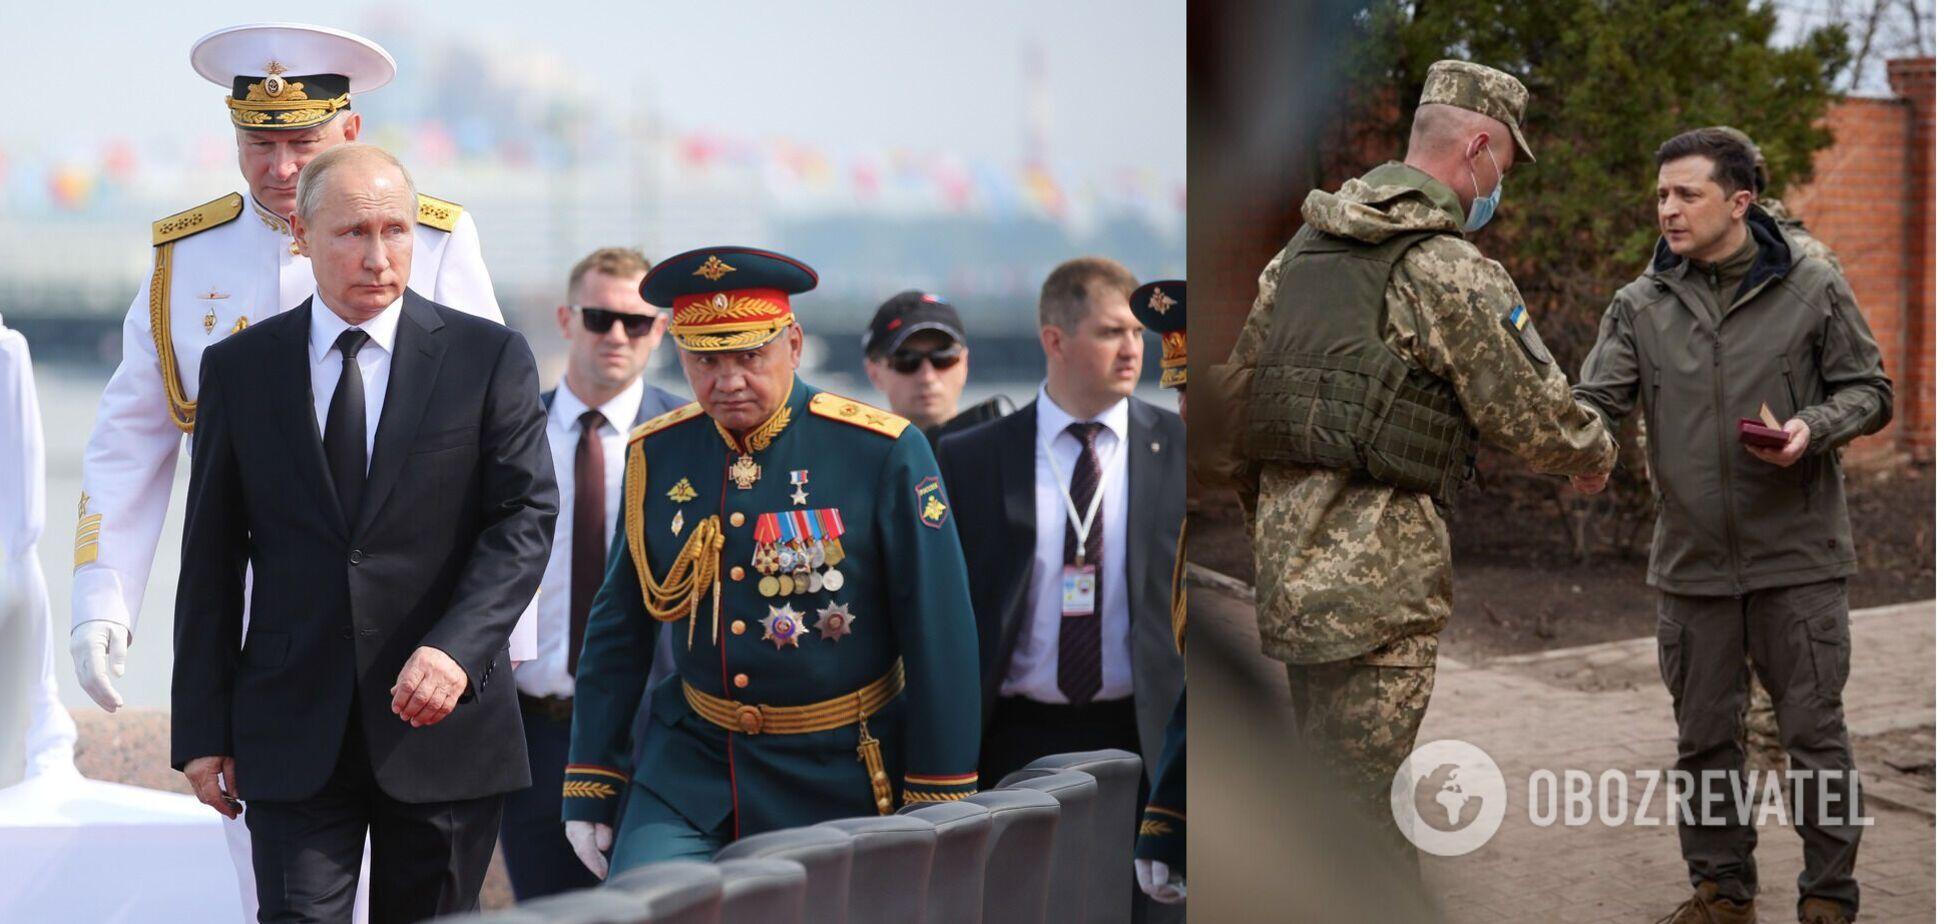 Зустріч Зеленського і Путіна на Донбасі: ексглава МЗС України назвав проблему